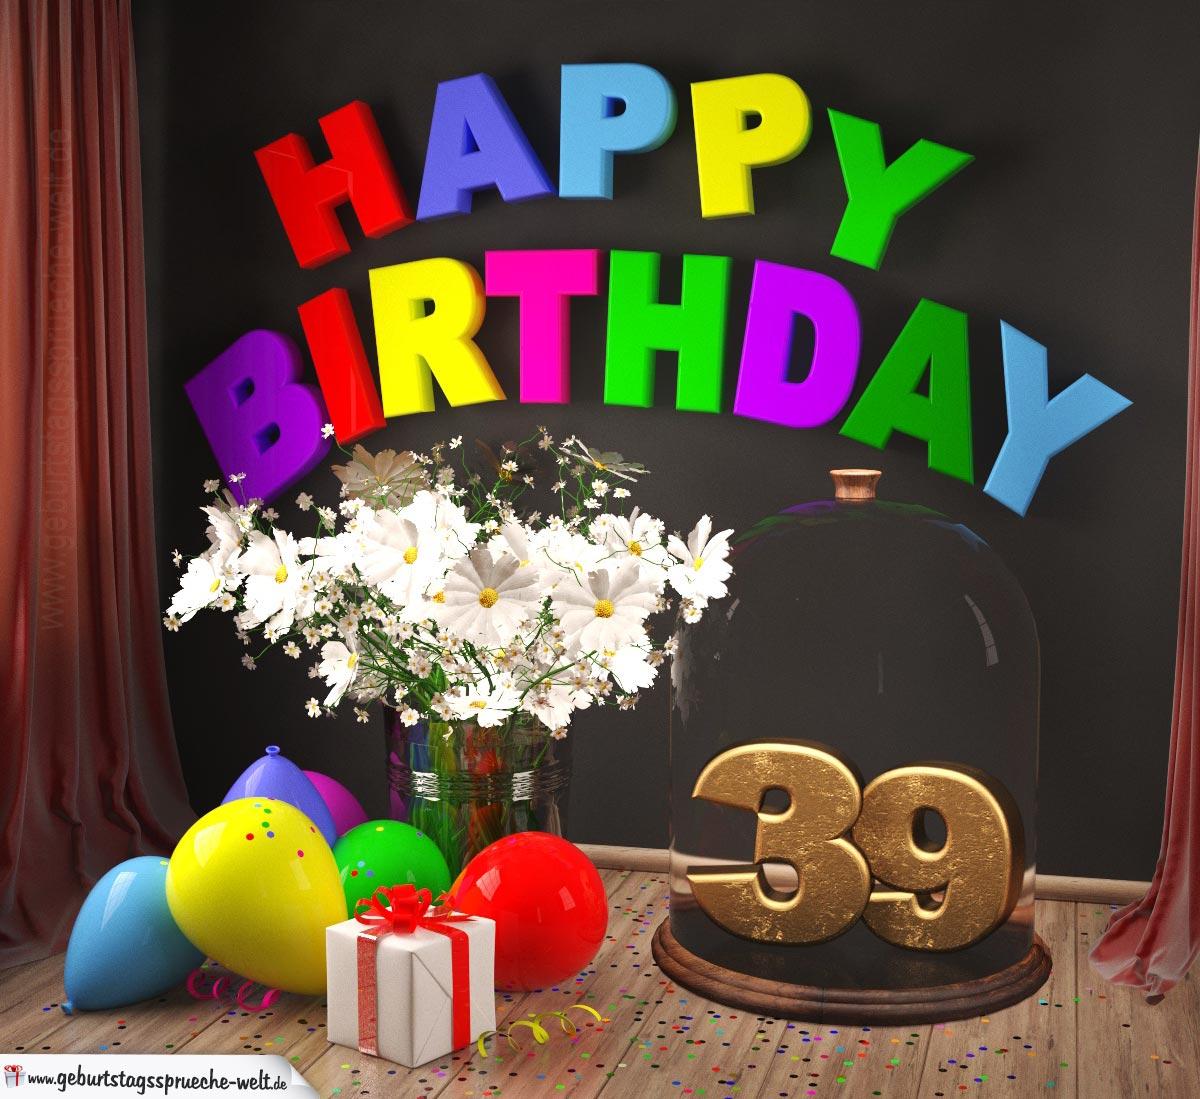 Happy Birthday 39 Jahre Glückwunschkarte mit Margeriten-Blumenstrauß, Luftballons und Geschenk unter Glasglocke